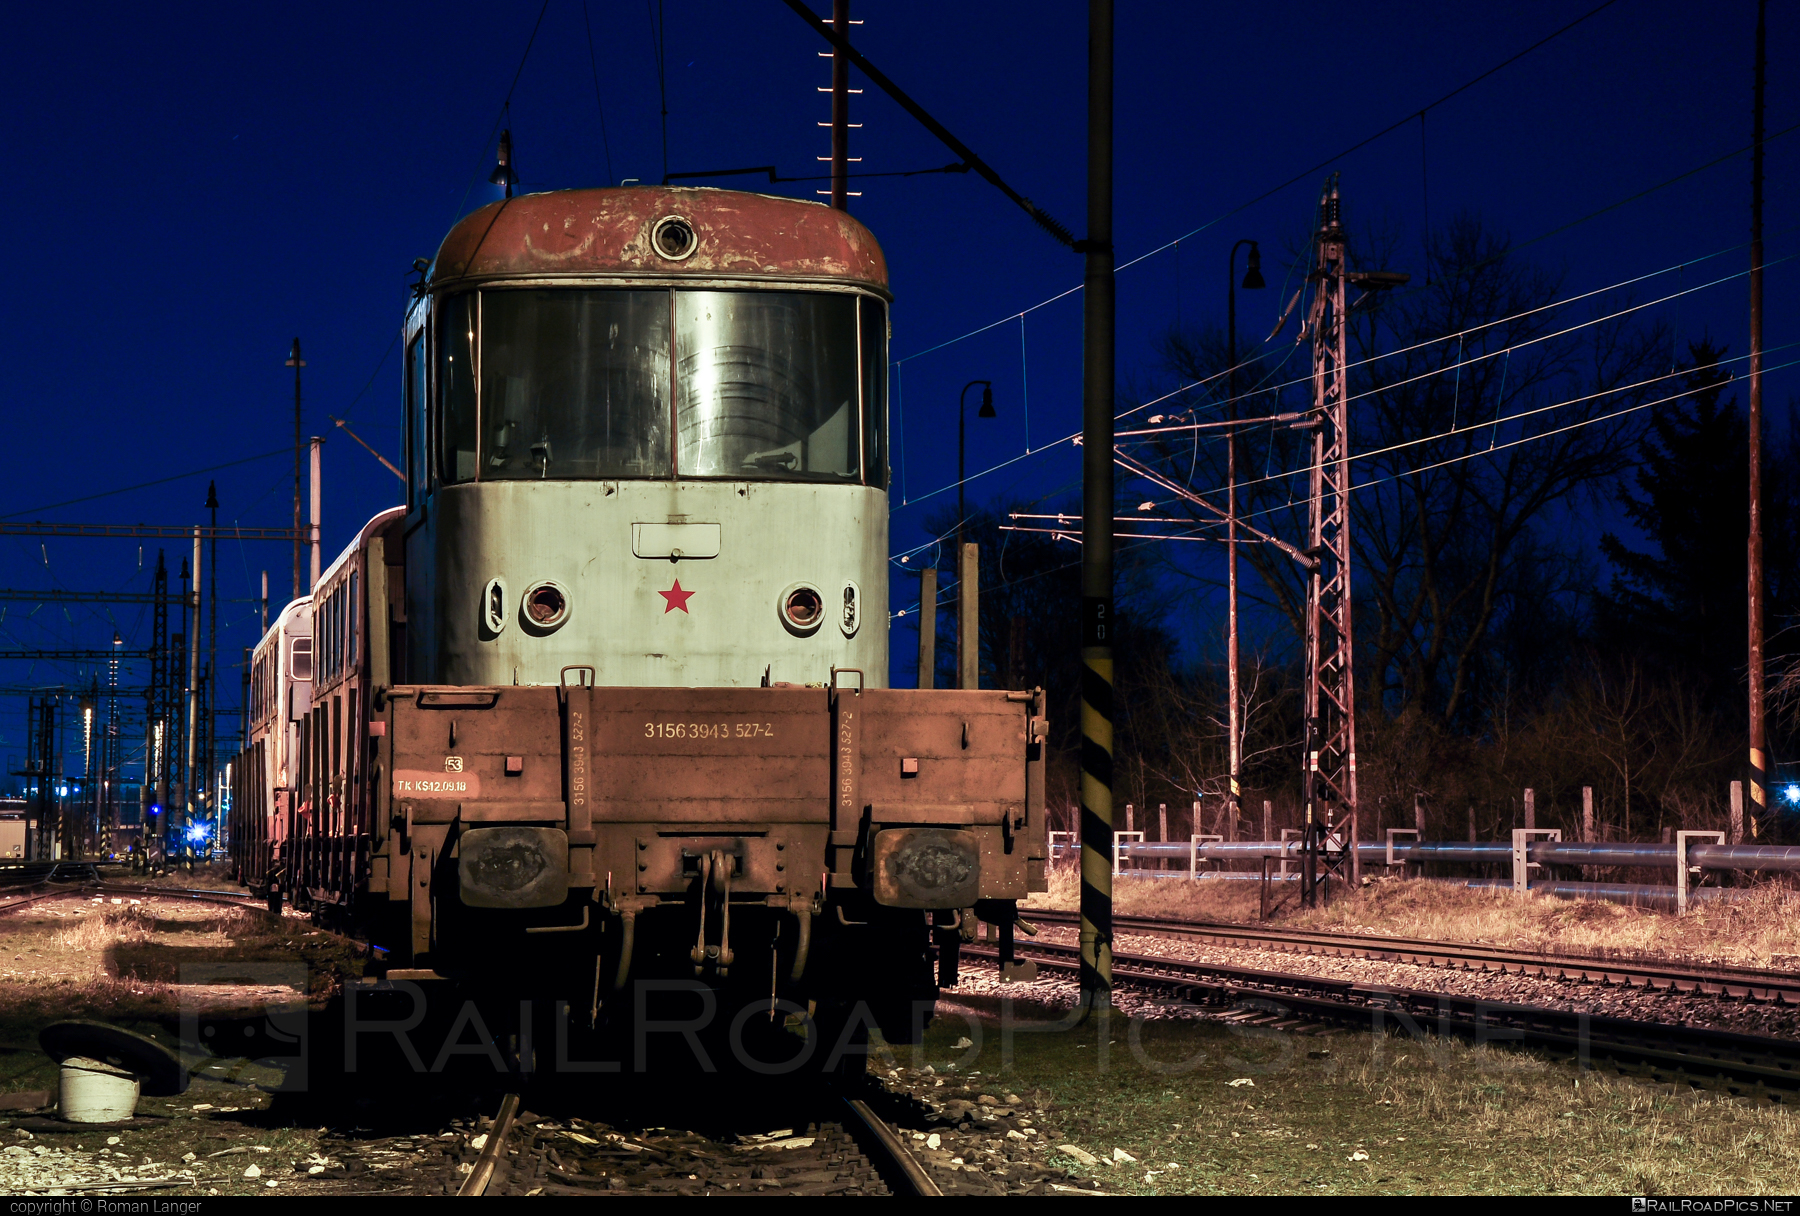 ČKD Tatra EMU 89.0 - 420 953-2 operated by Železnice Slovenskej Republiky #ckd #ckdtatra #csd420 #csdemu890 #emu890 #zelezniceslovenskejrepubliky #zsr #zssk420 #zssk42095